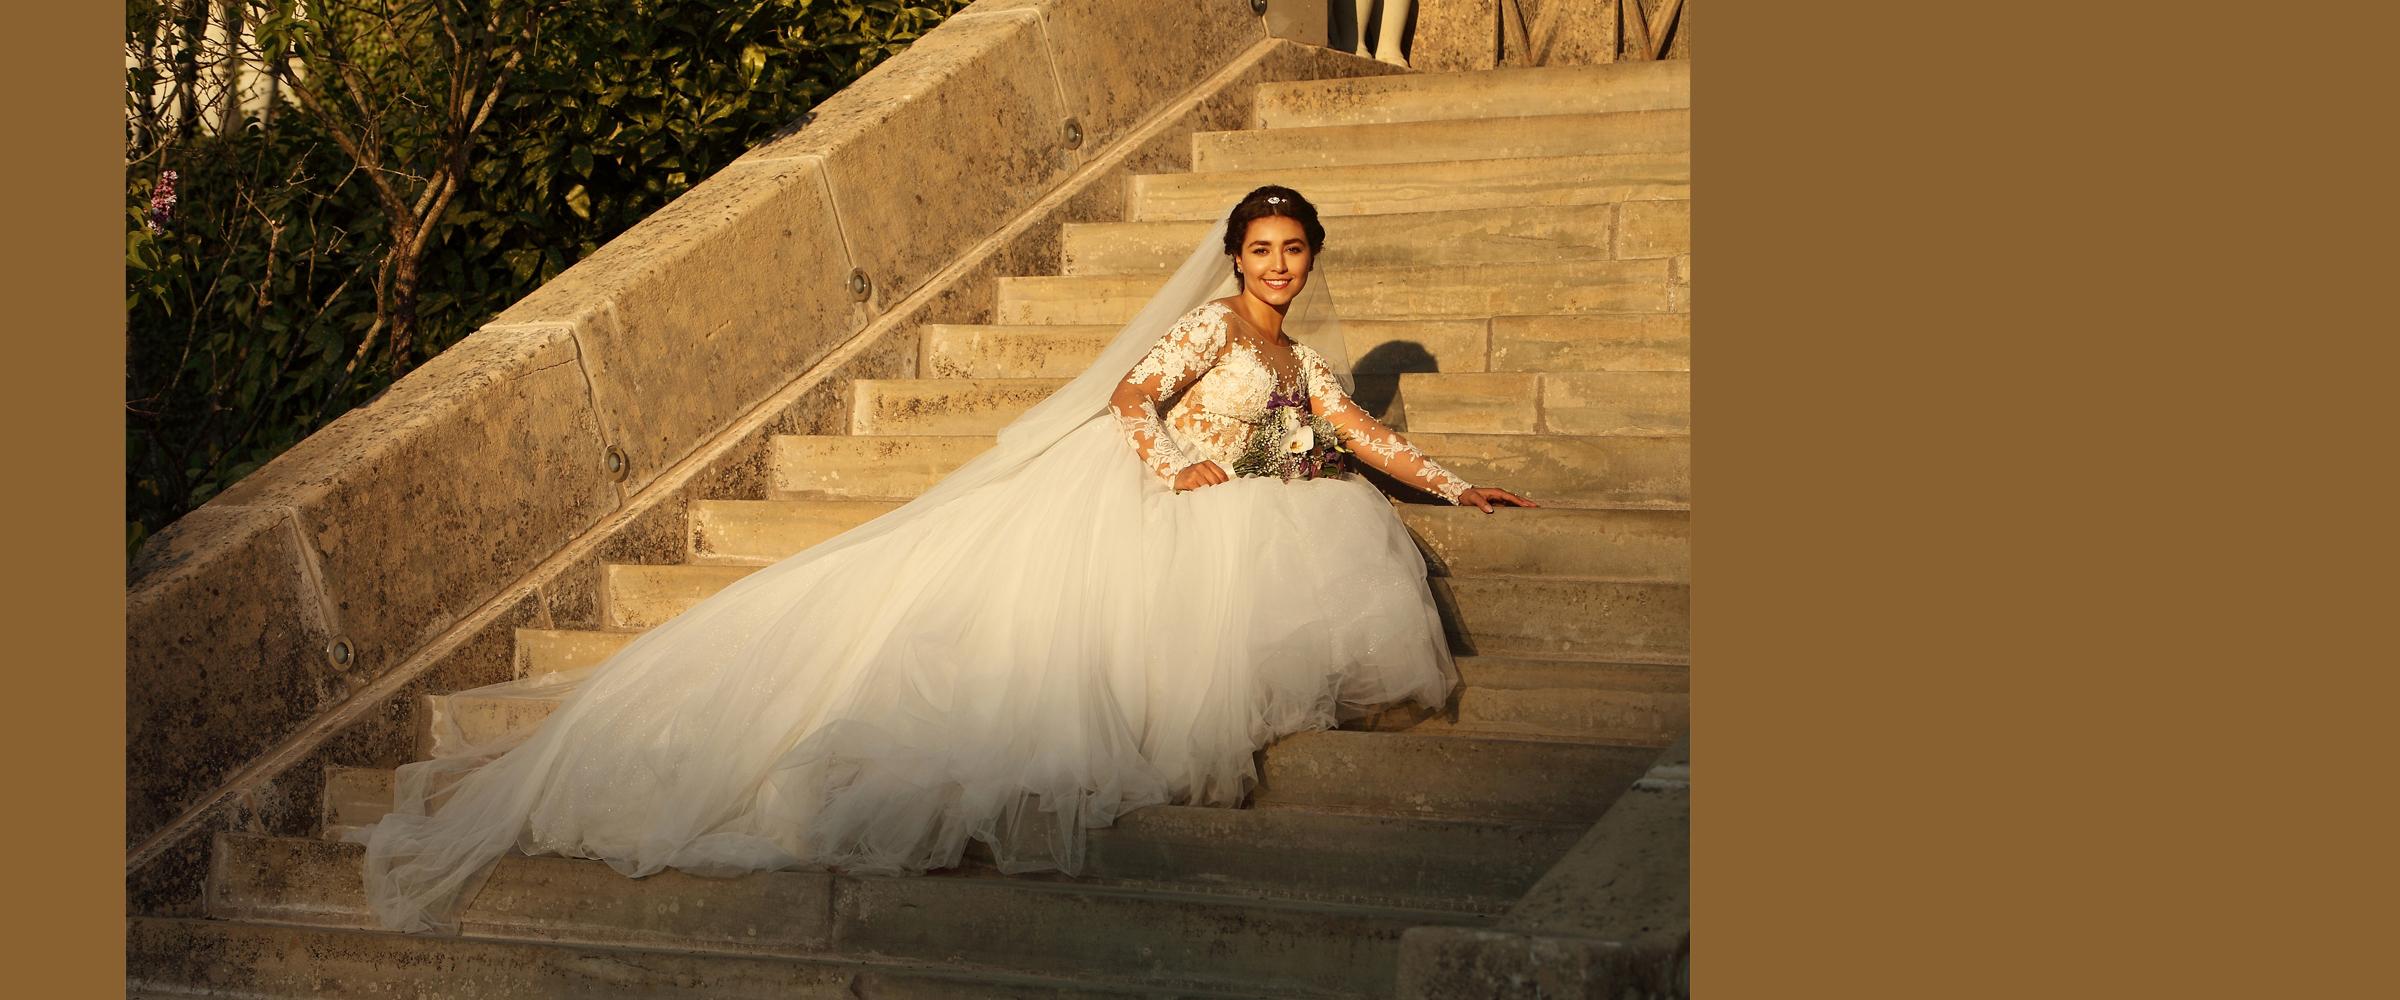 Hochzeitsportrait einer strahlenden Frau mit hochgesteckten Haaren, die in einem weißen Brautkleid mit langer Schleppe auf den Stufen einer hoch zulaufenden Steintreppe sitzt.